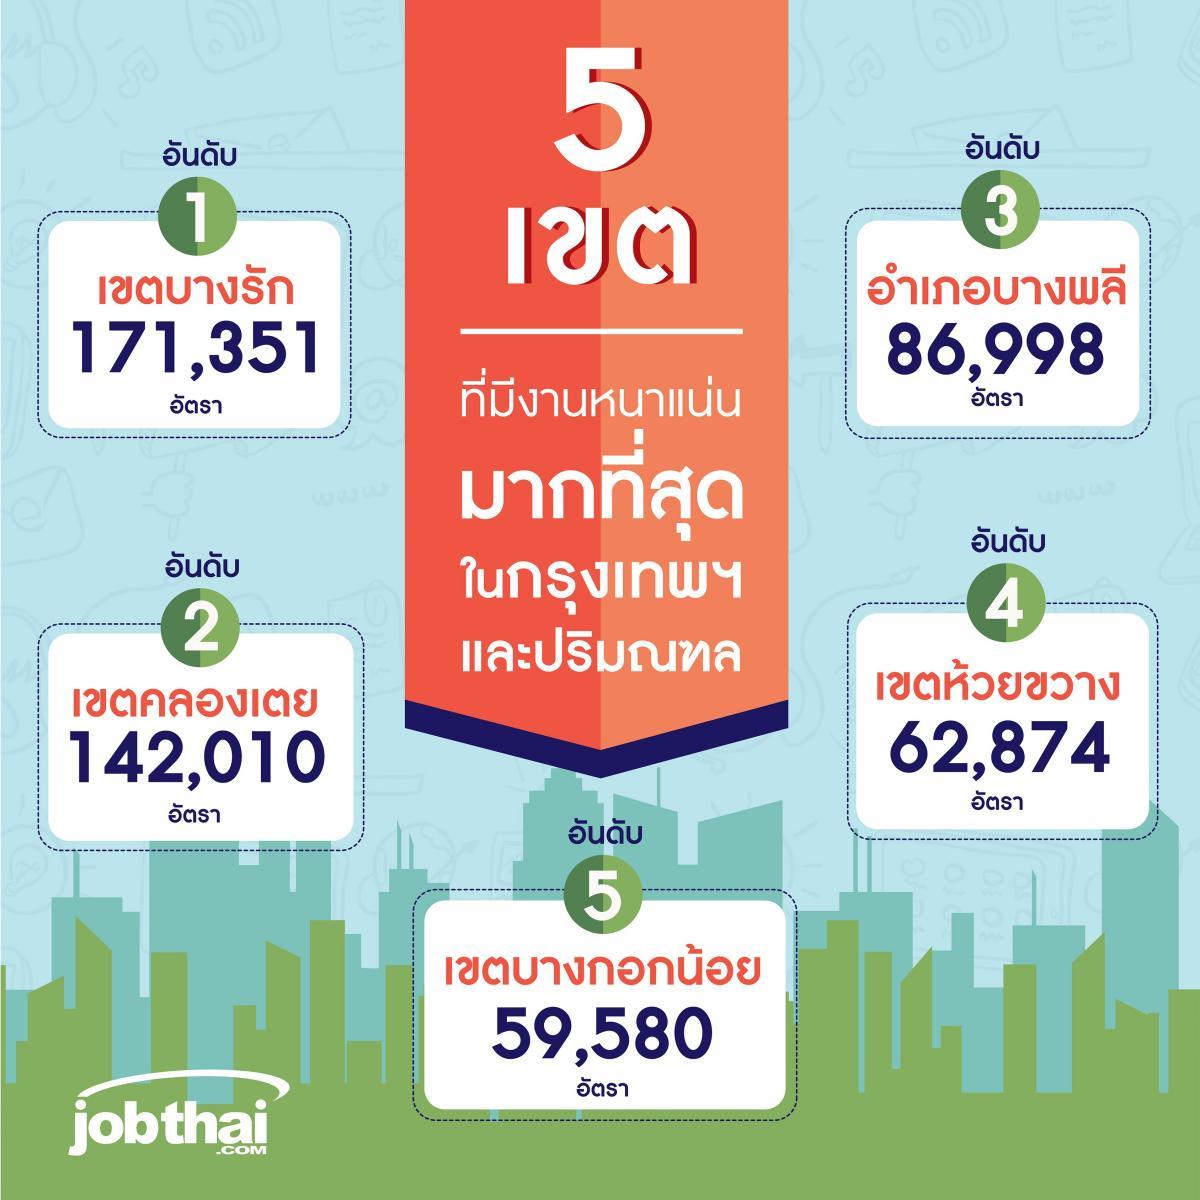 เผย 5 เขตที่มีการจ้างงานหนาแน่นที่สุดใน กทม.